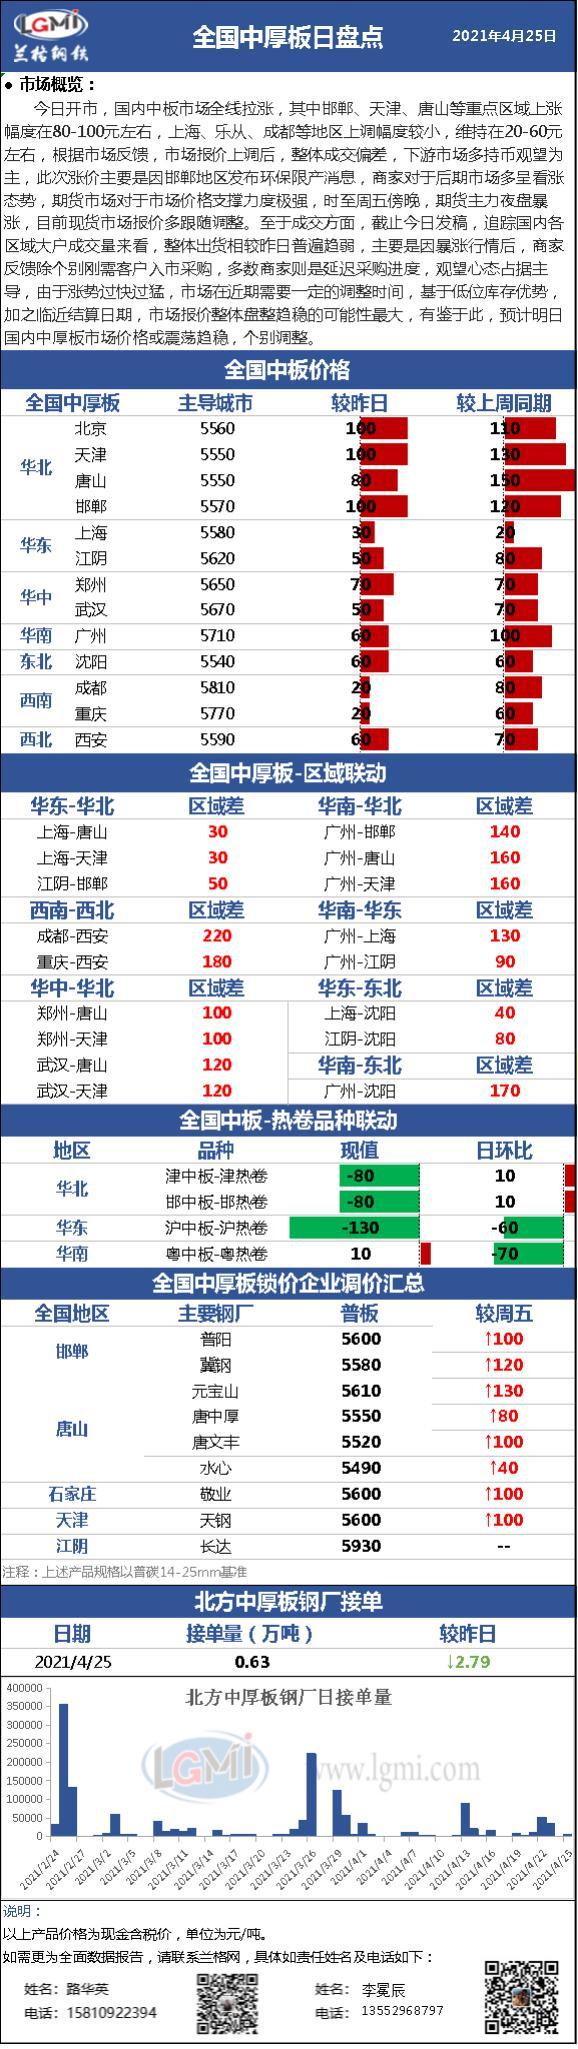 兰格中厚板日盘点(4.25):现货市场大幅拉涨 下游市场接受程度有限 整体成交萎缩